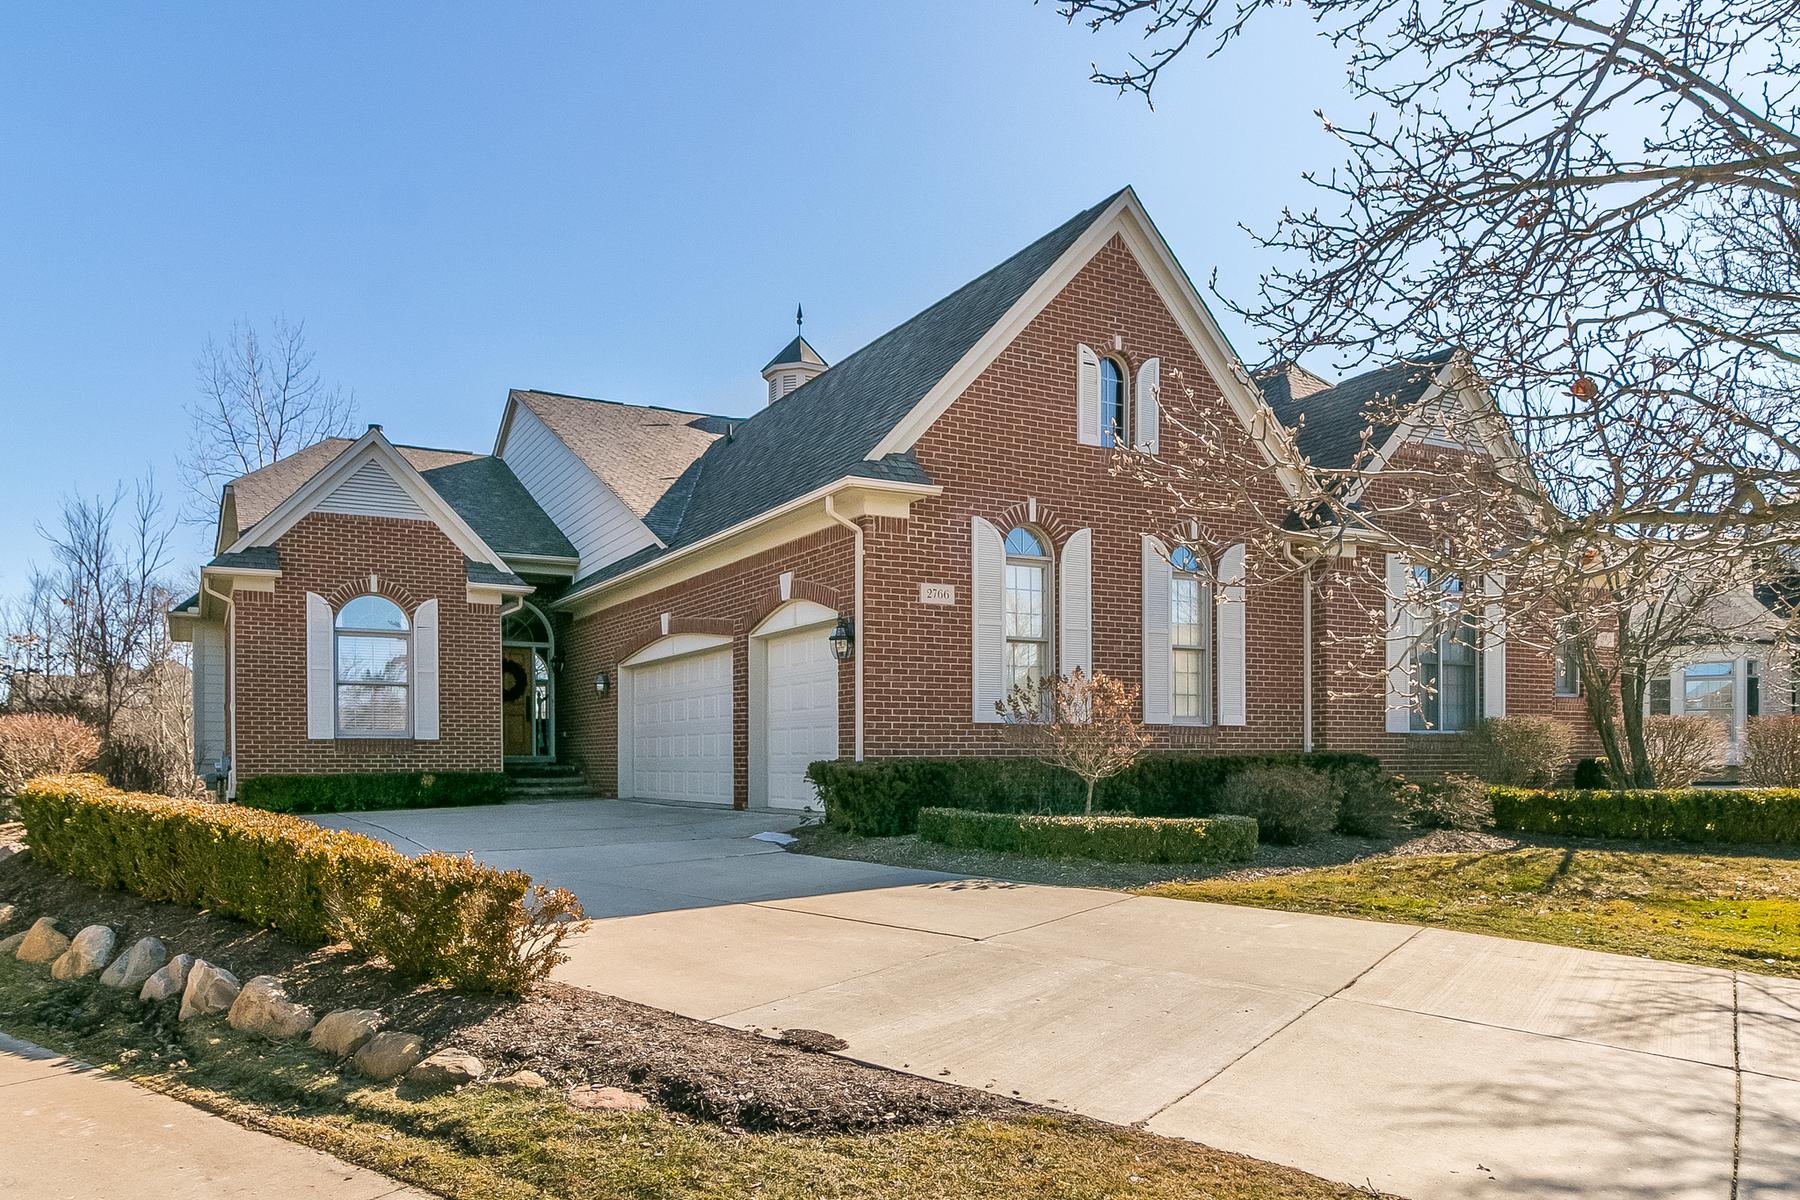 Single Family Homes pour l Vente à Oakland Townsip 2766 Antrim Court, Oakland Township, Michigan 48306 États-Unis